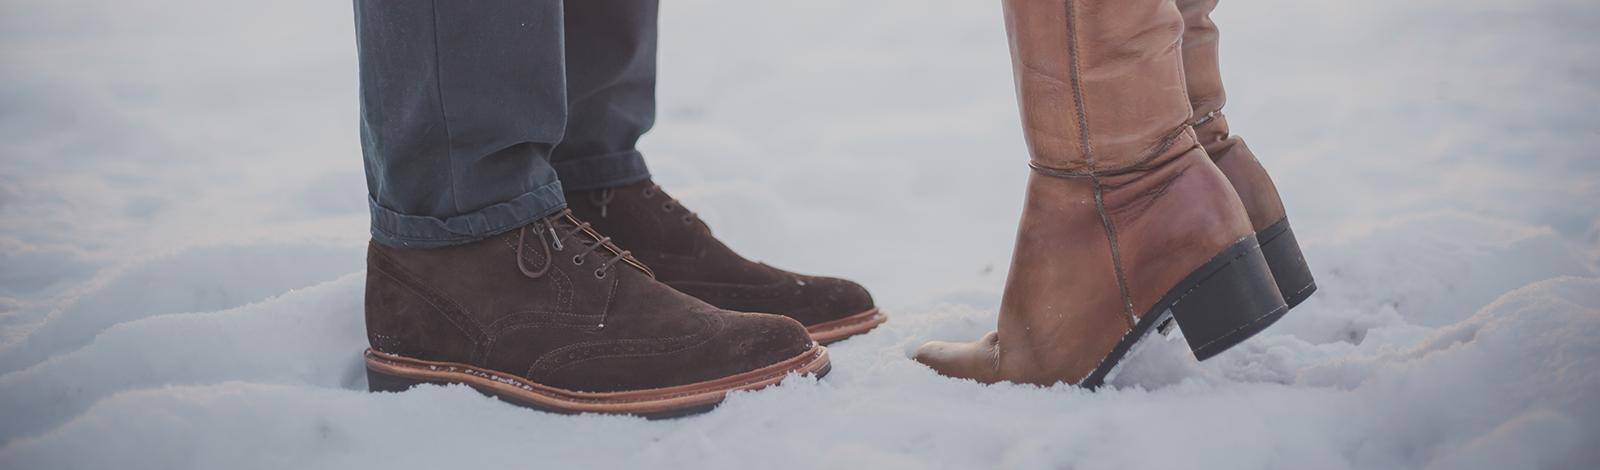 winter-cover-photo